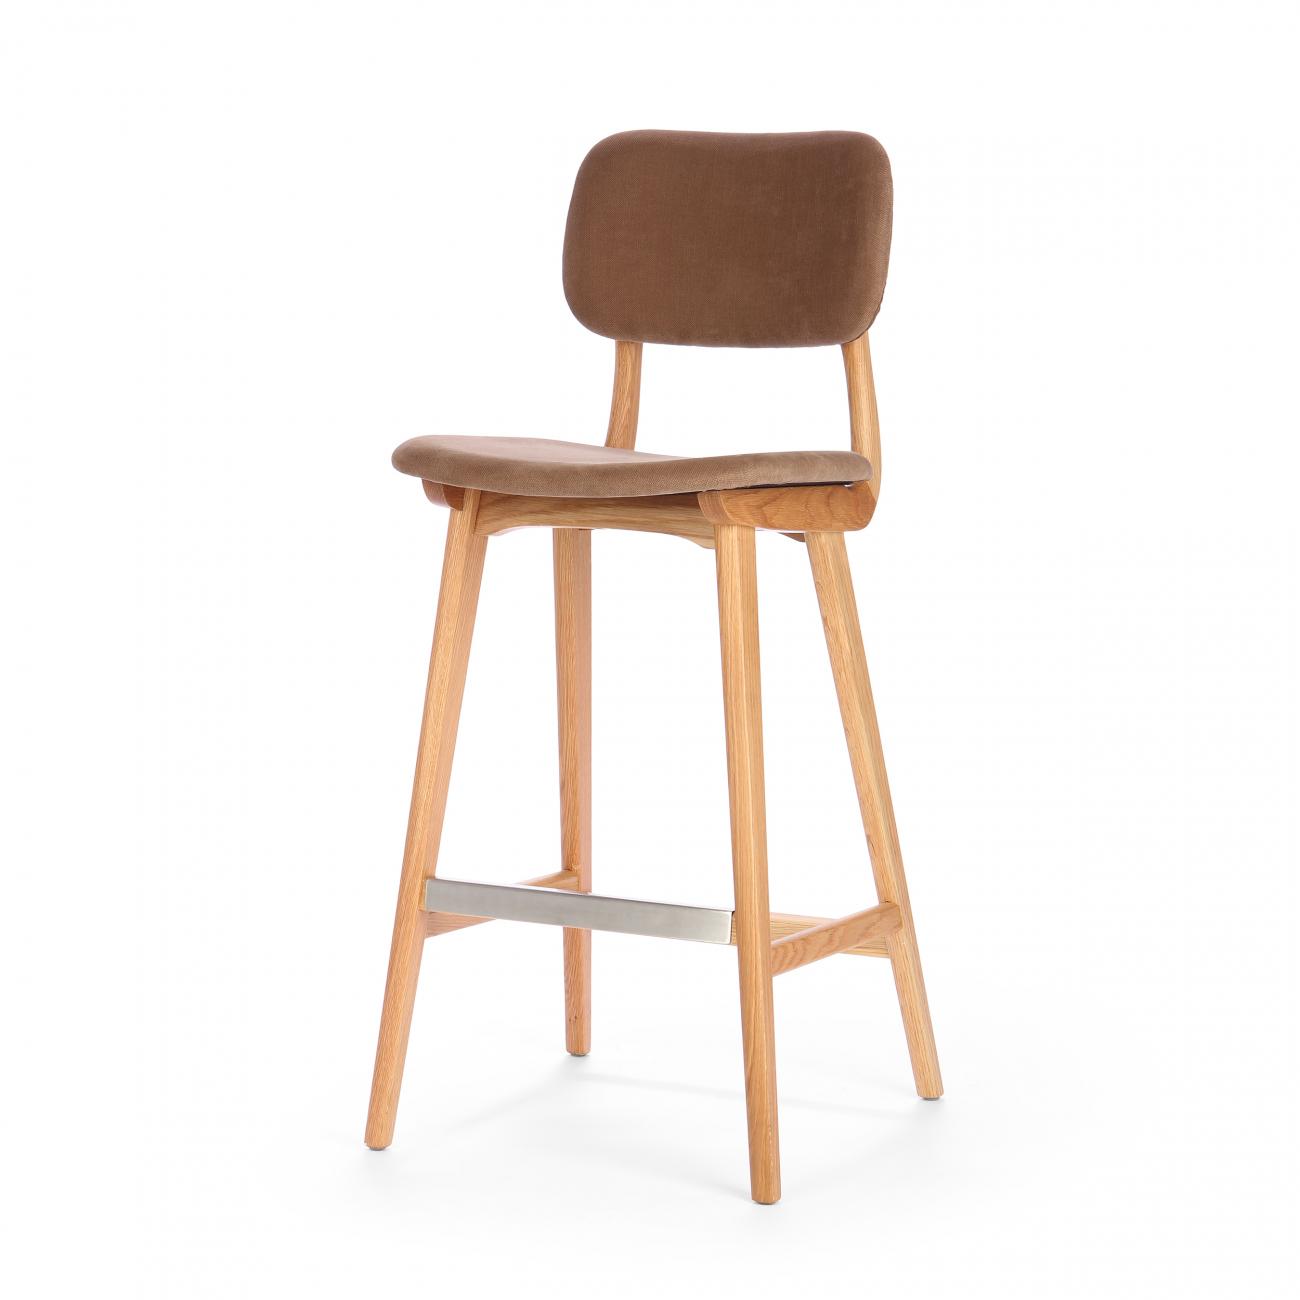 Купить Барный стул Civil Коричневый в интернет магазине дизайнерской мебели и аксессуаров для дома и дачи